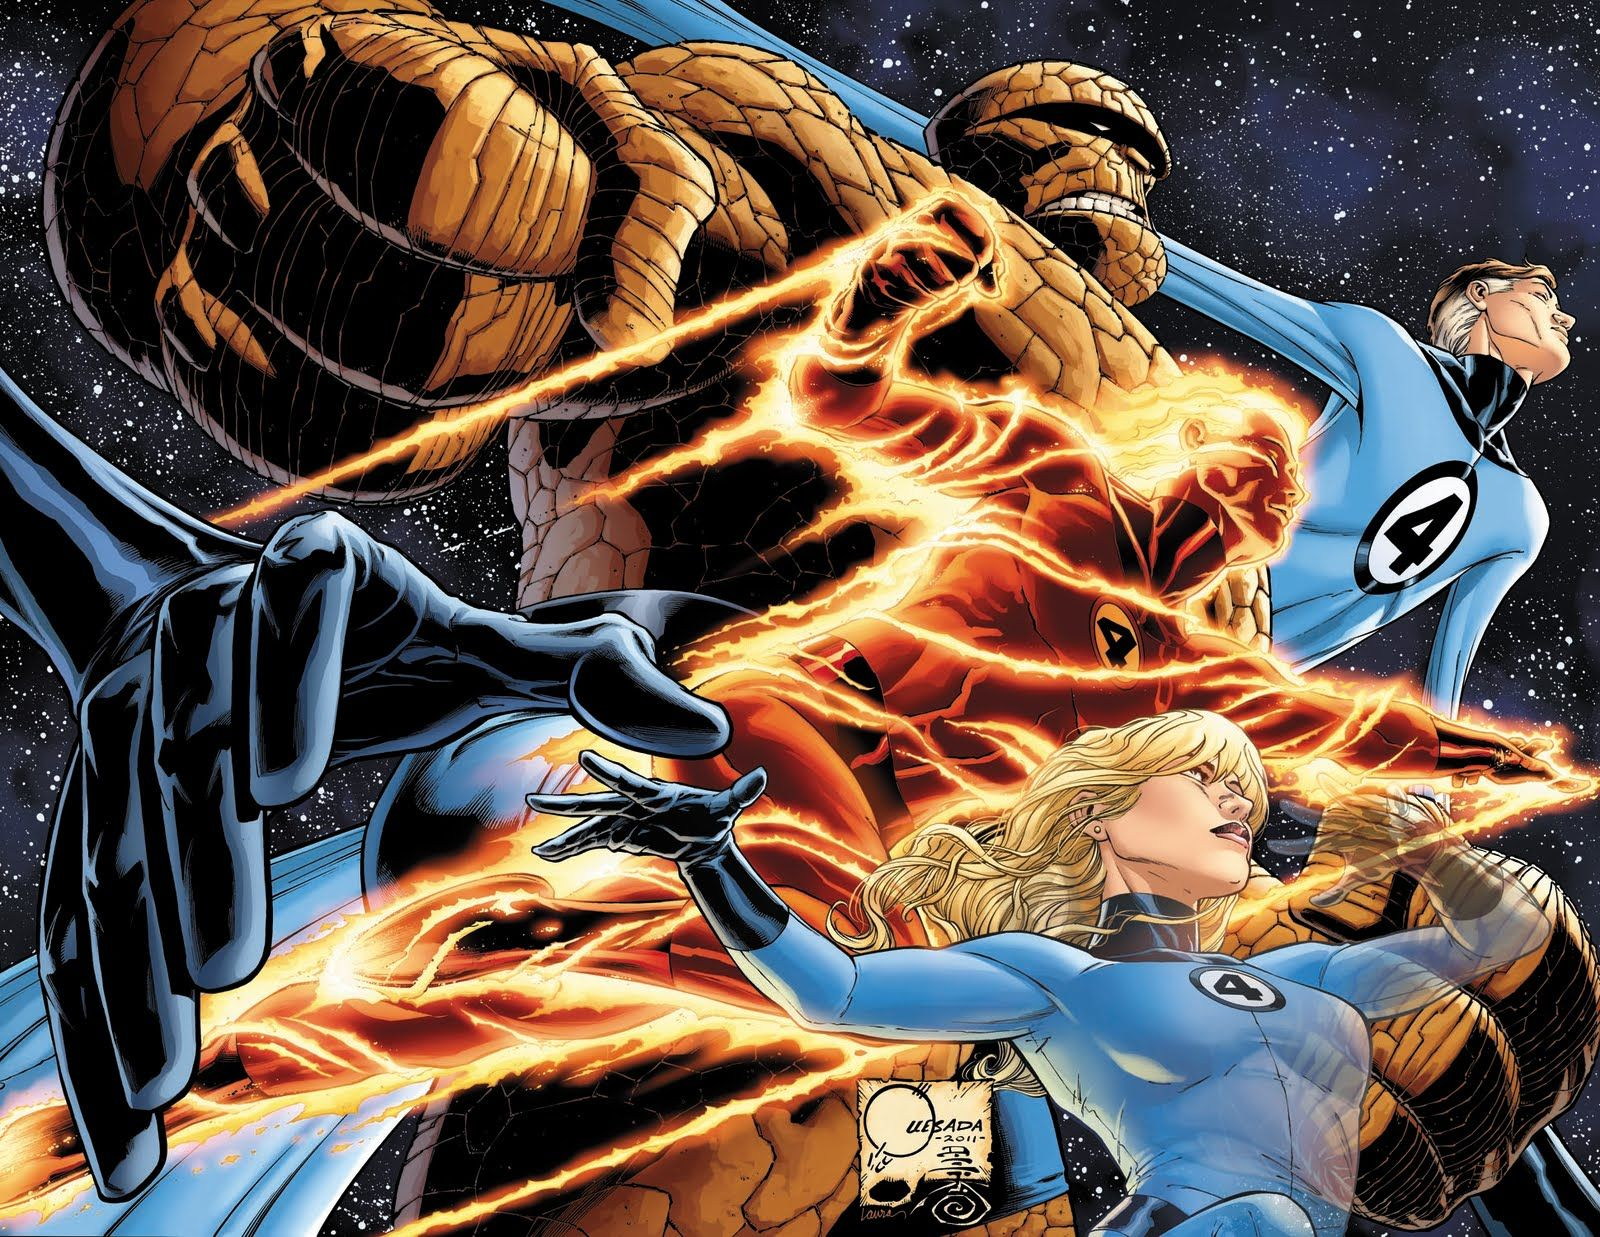 Joe Quesada - Fantastic Four